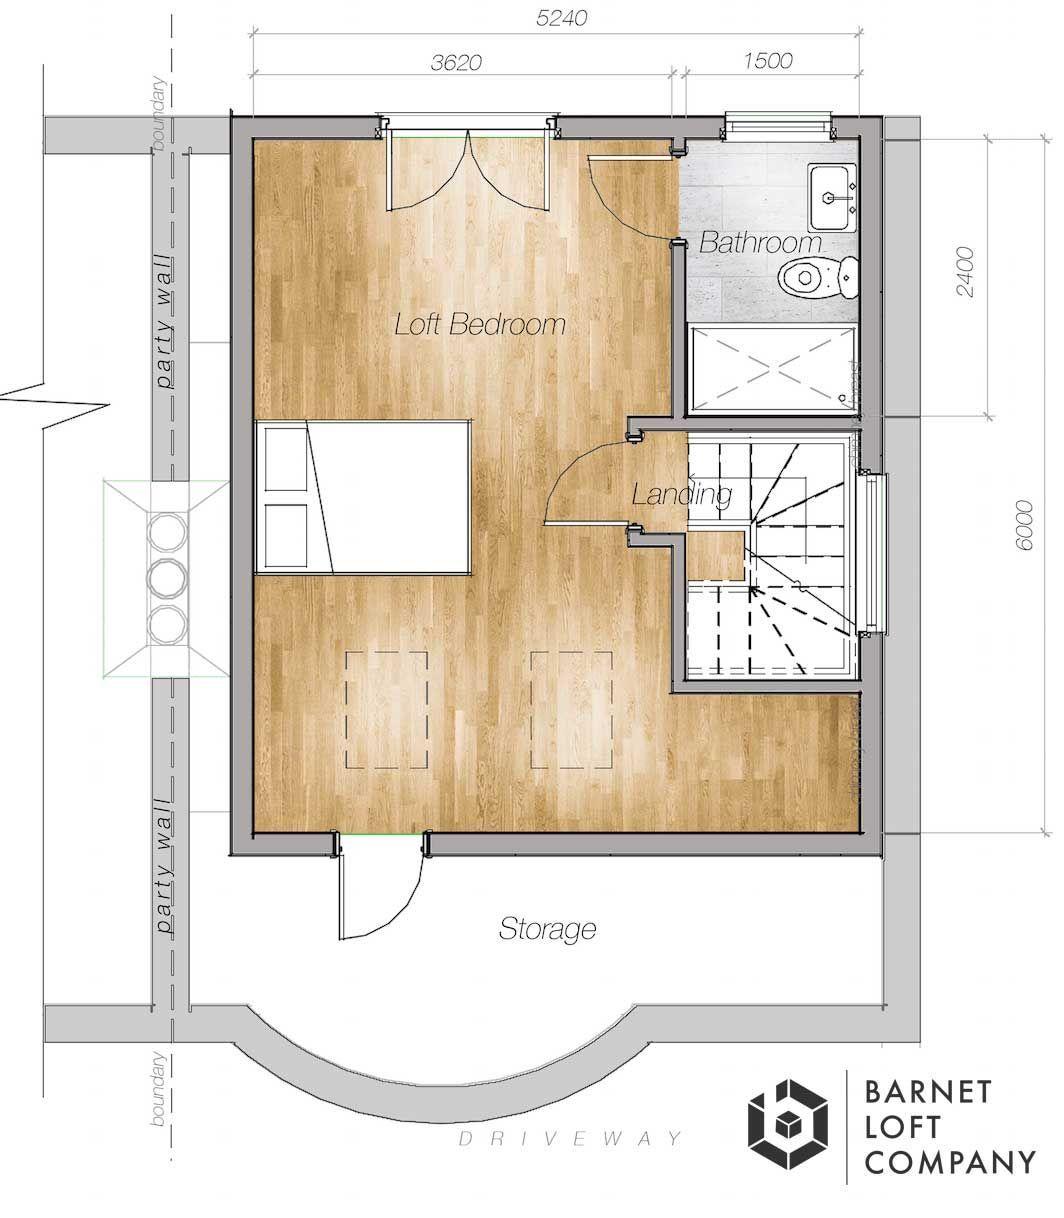 Loft Conversions London Loft Plans The Barnet Loft Conversions Loftconversions Loft Conversions Lon Loft Conversion Layout Loft Plan Loft Conversion Plans